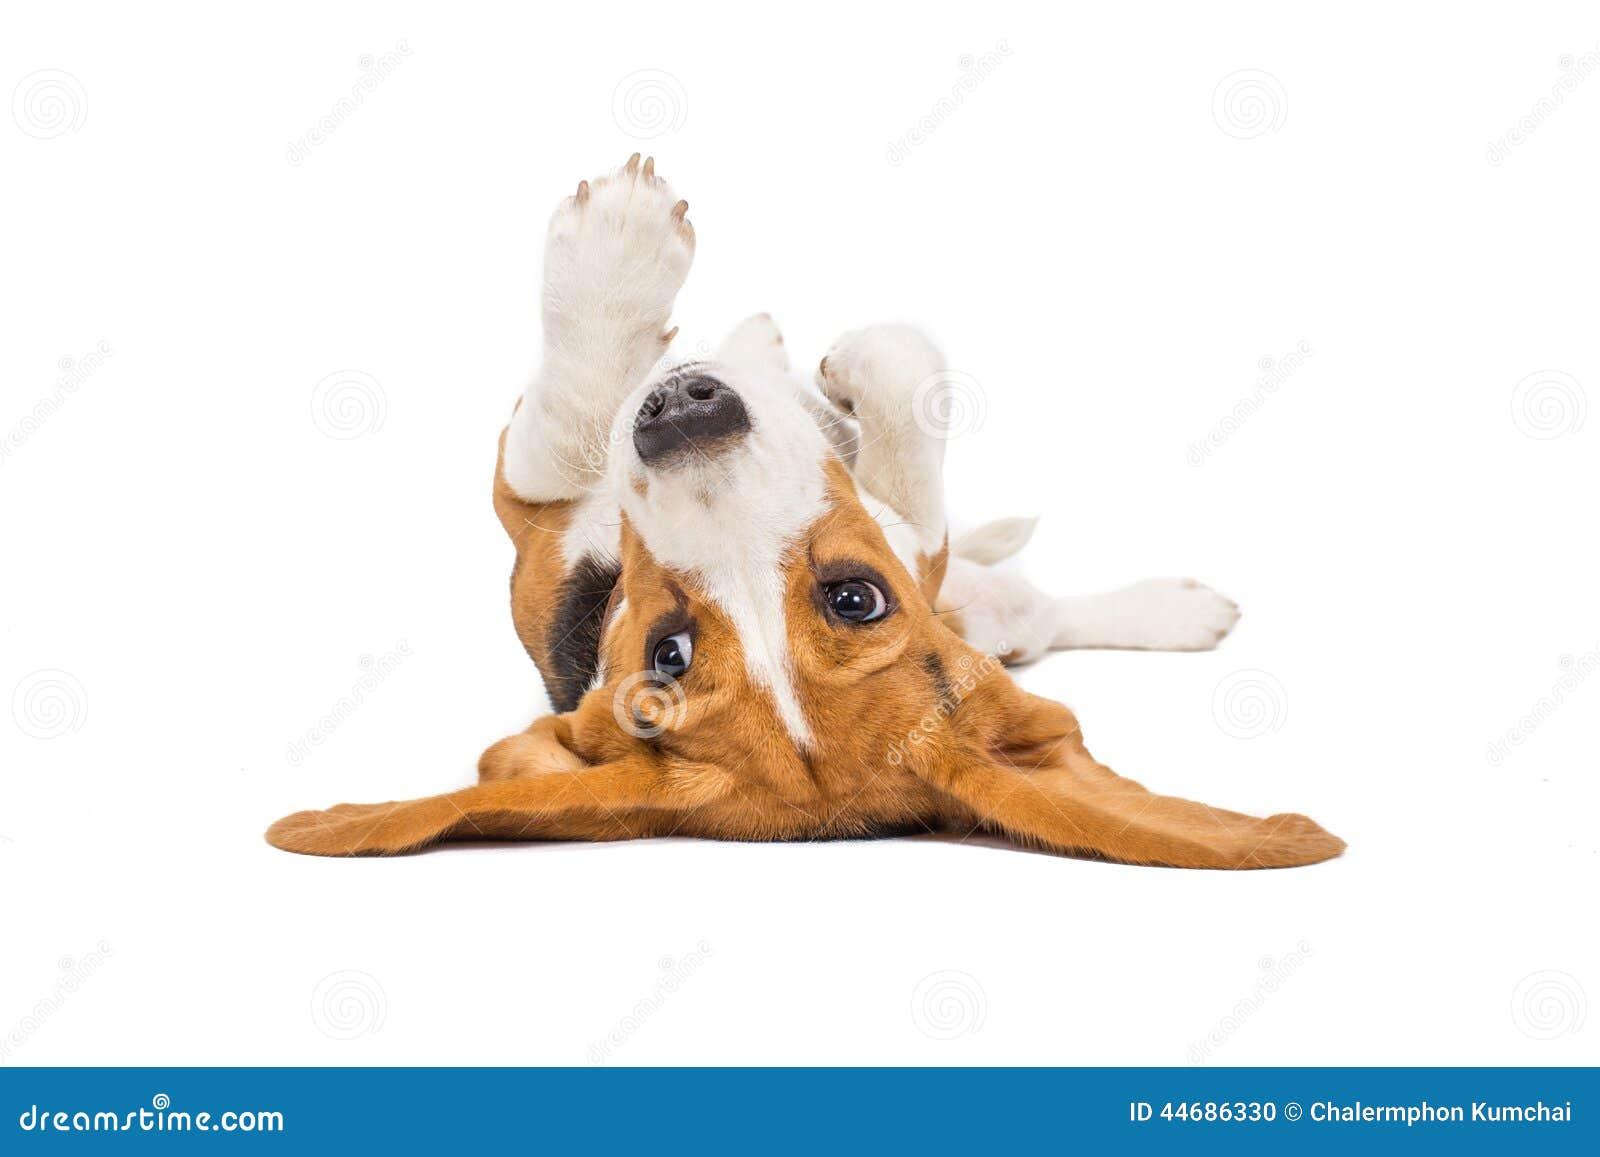 Spürhundhund auf weißem Hintergrund